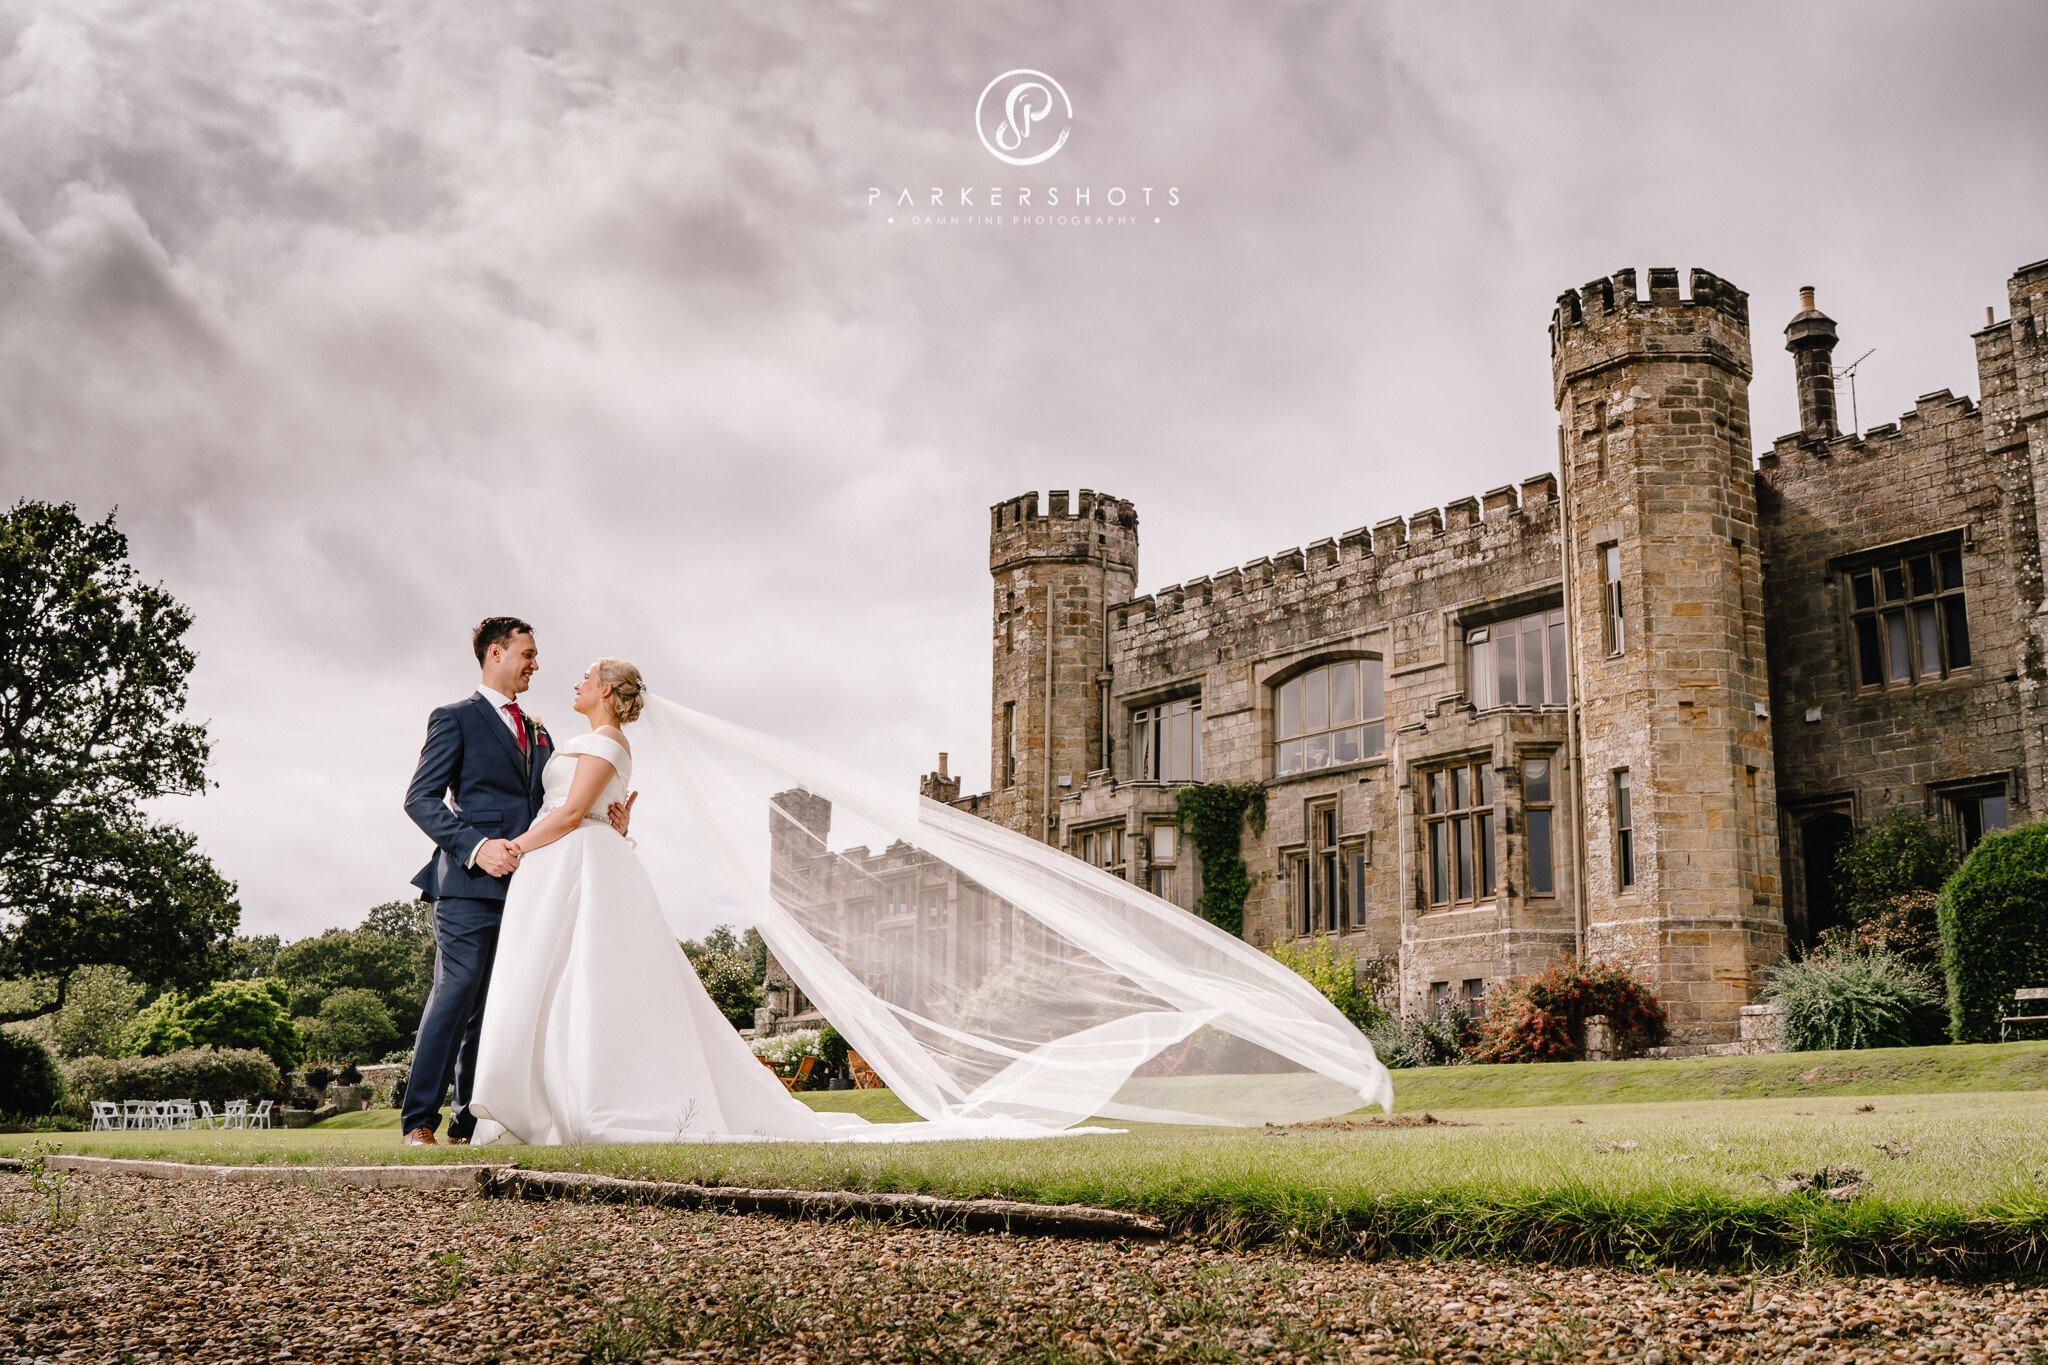 Wedding Photography at Wadhurst Castle - Jess & Kurt's wedding